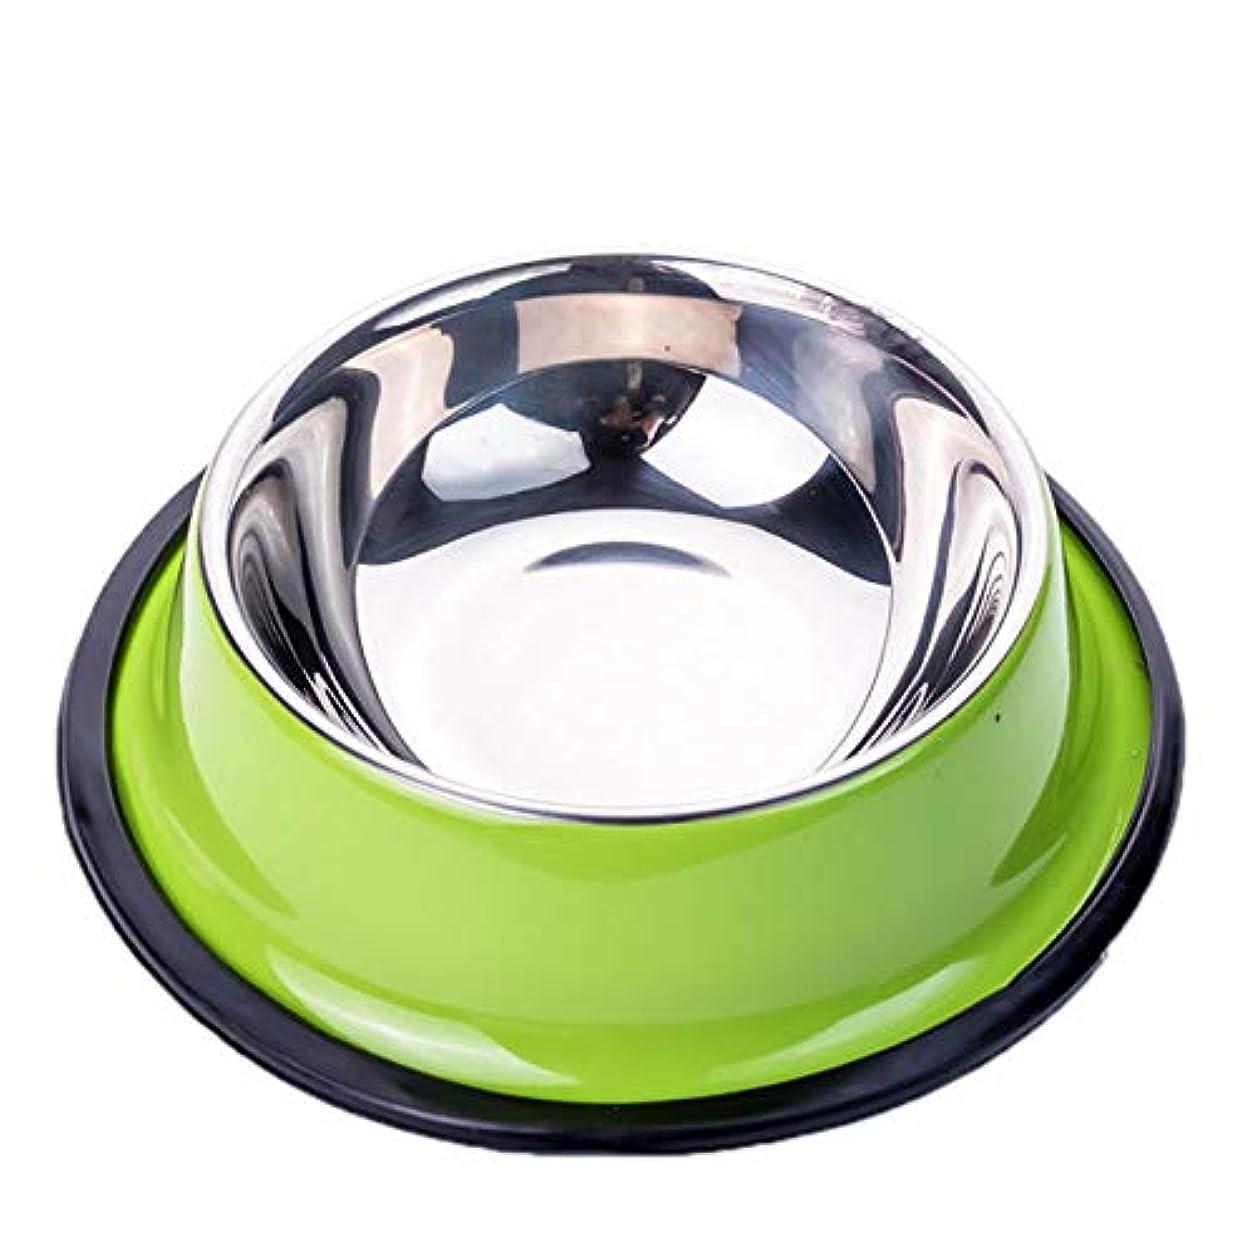 Xian 犬用ボウル、ペット用ステンレススチール製フードボウル、猫と犬用給餌用ボウル - 飲料用ボウルSコードボウル底部直径 - 6.4インチ - 上部直径 - 4.4インチボウルの高さ - 1.8インチ - ピンク Easy to Clean Non-Skid Bowls for Dogs (Color : Green, Size : 12*8.8*2.8inch)